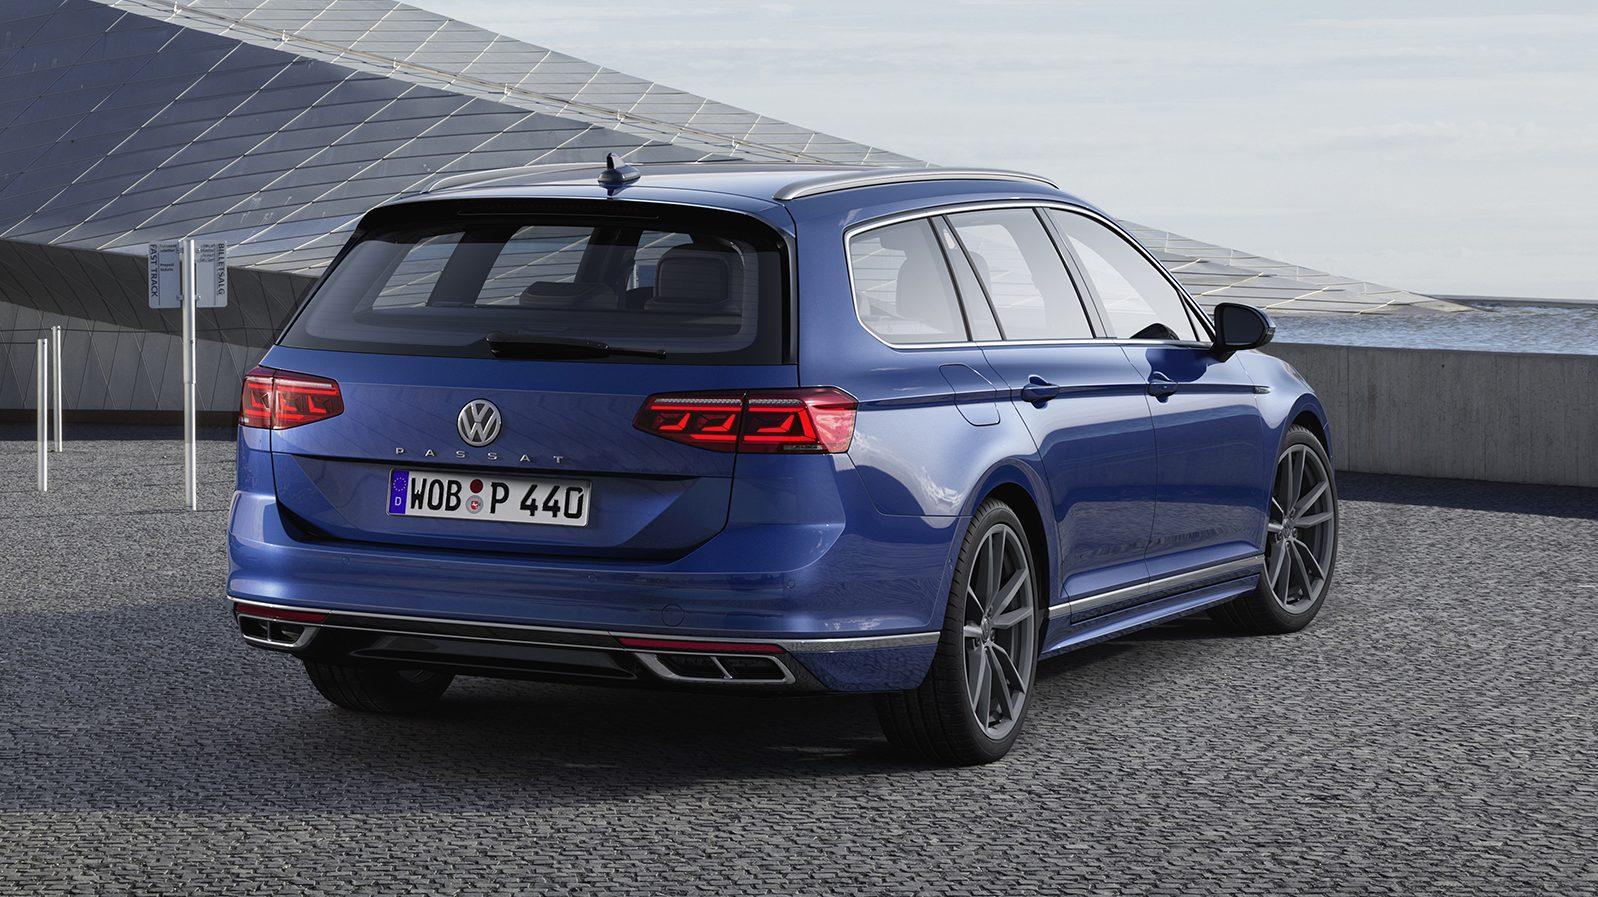 Volkswagen Passat-facelift 2019 Variant